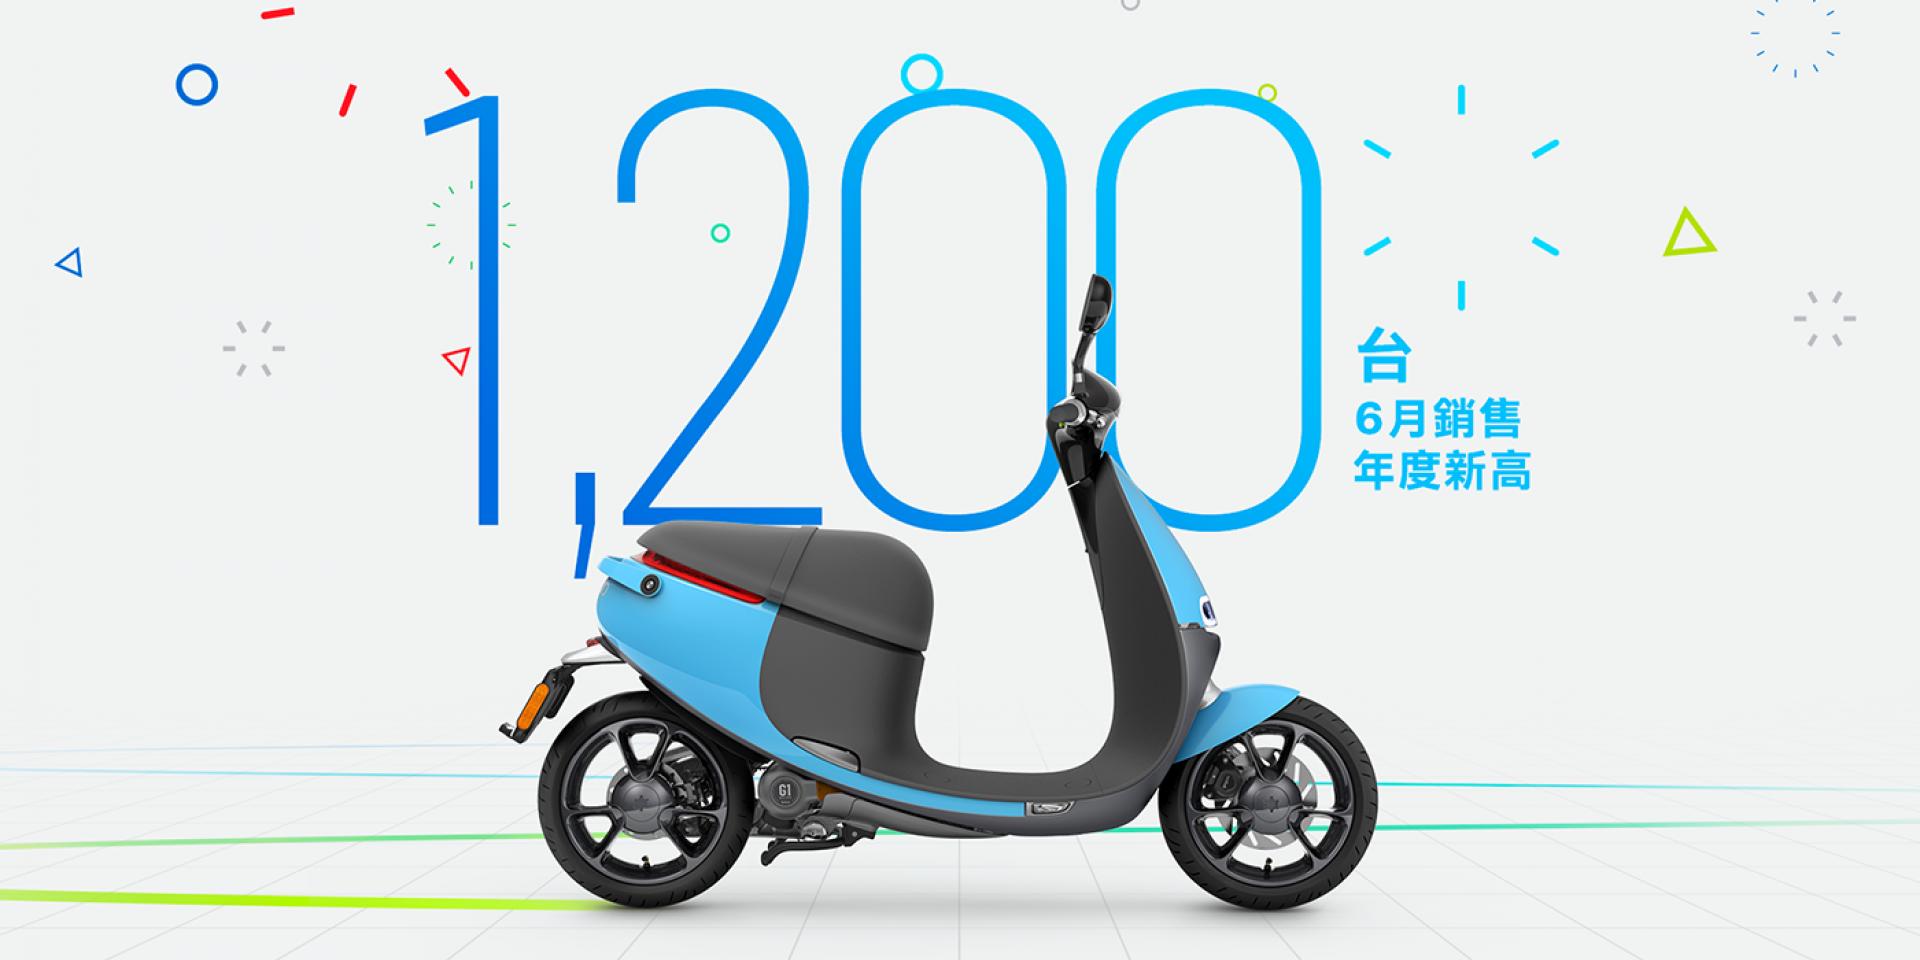 官方新聞稿。Gogoro 六月銷售破一千兩百台,獲三大國際獎項肯定